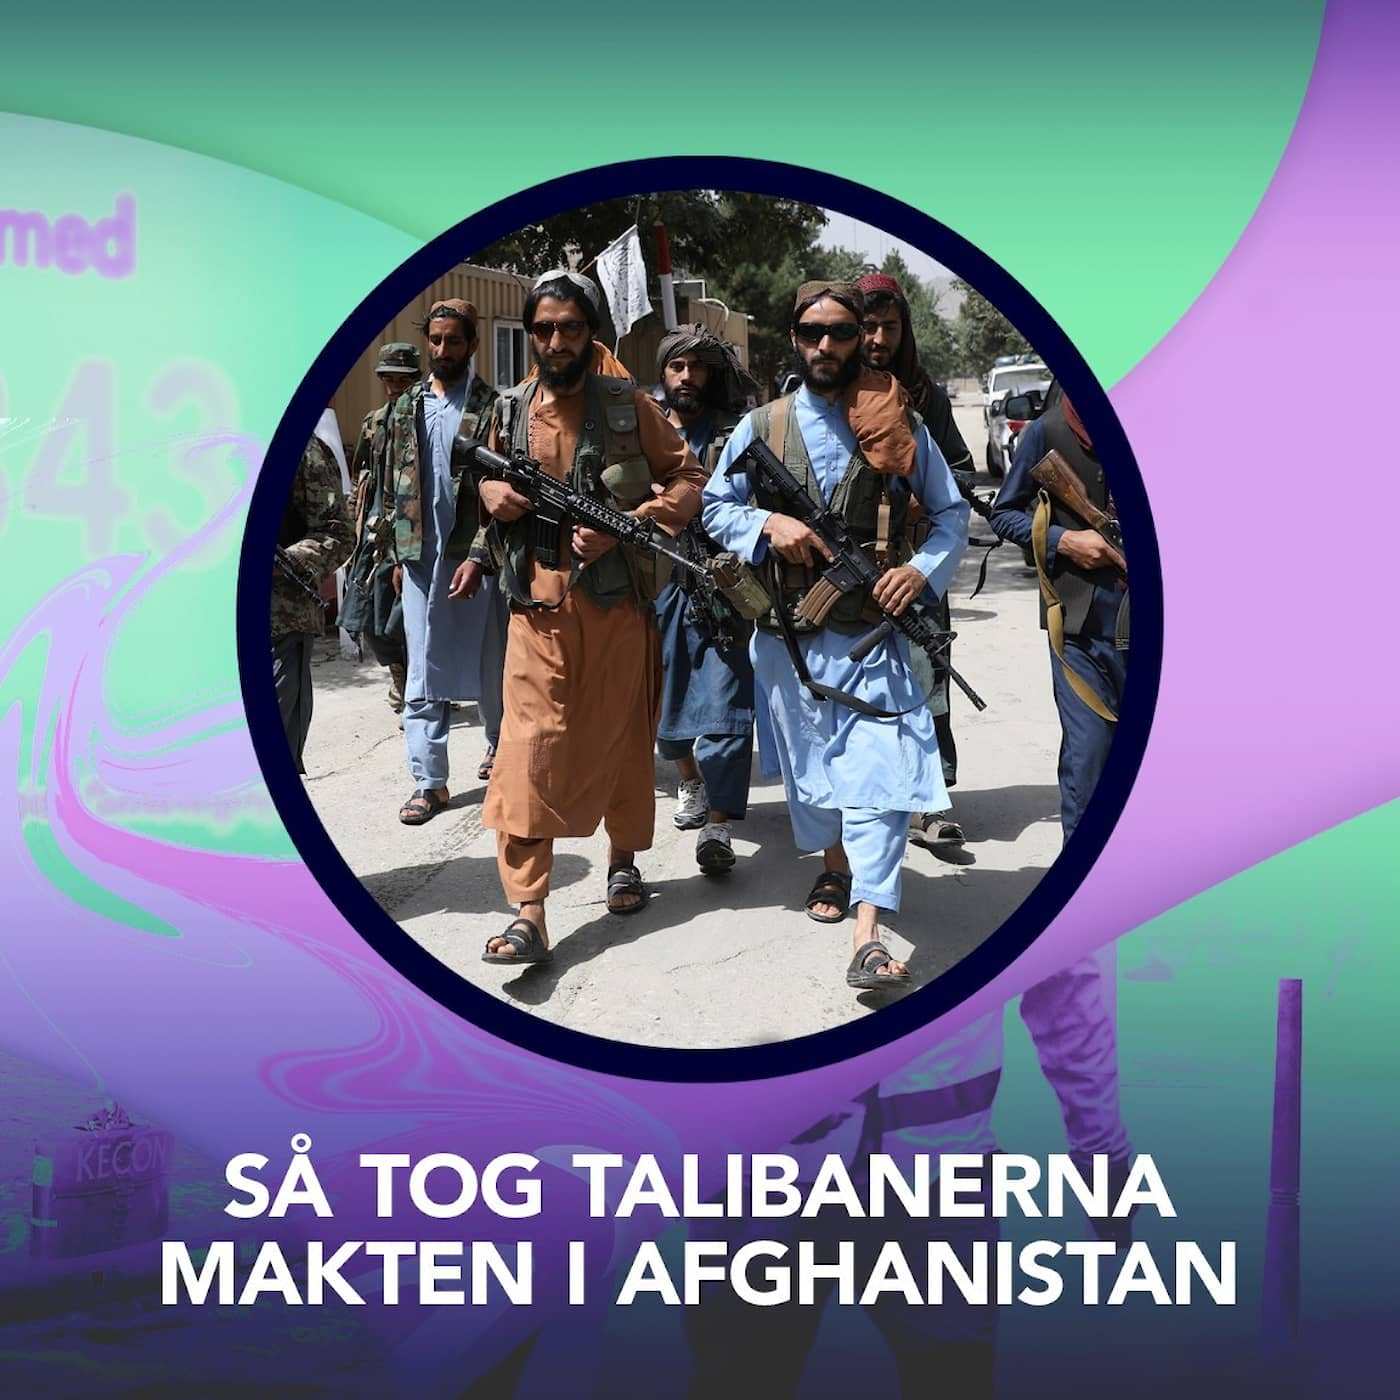 Så tog talibanerna makten i Afghanistan – P3 Nyheter Dokumentär